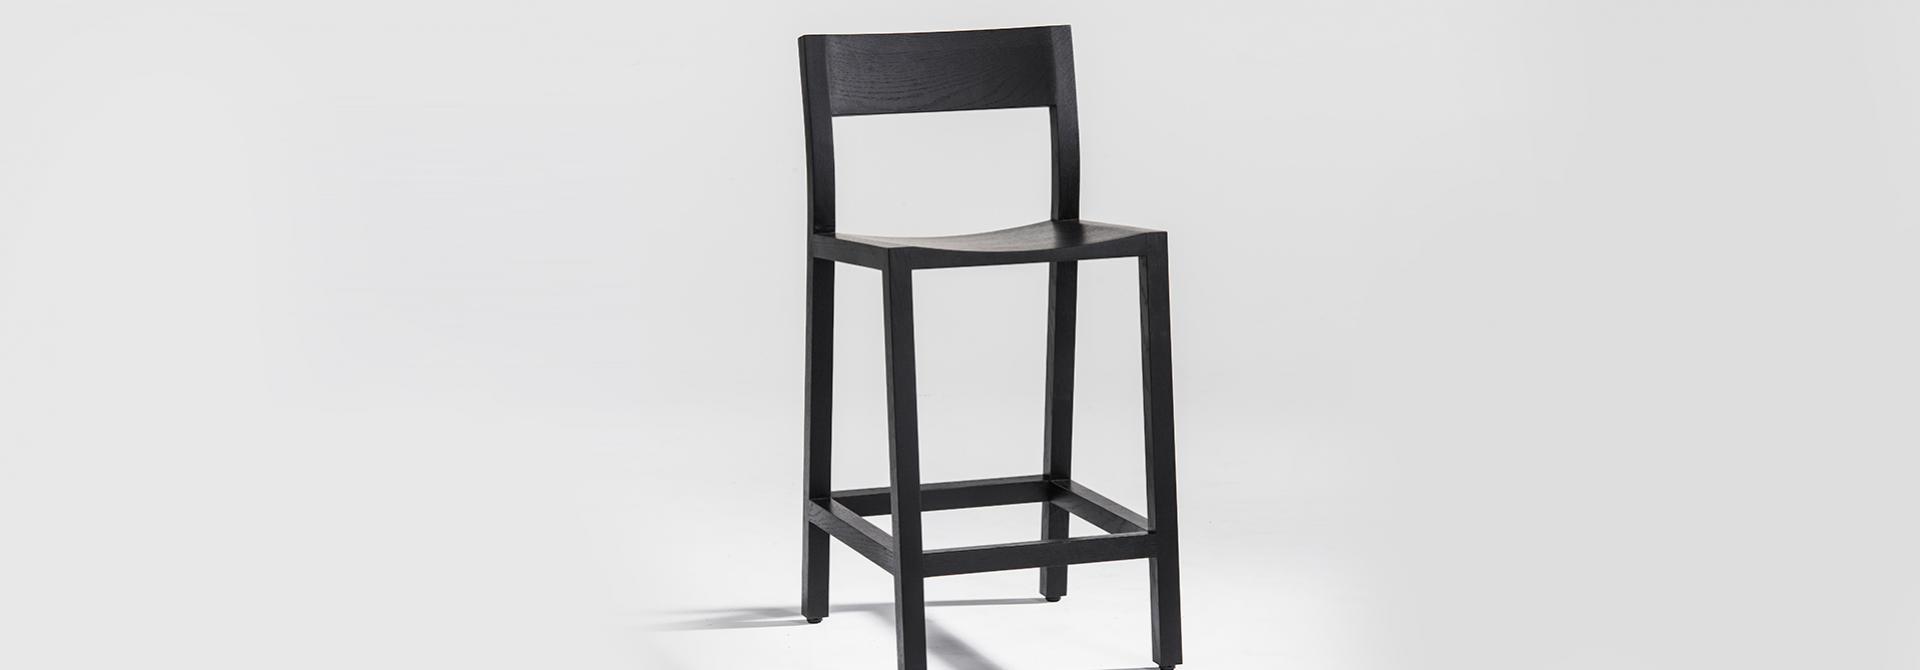 stool Pio black front view